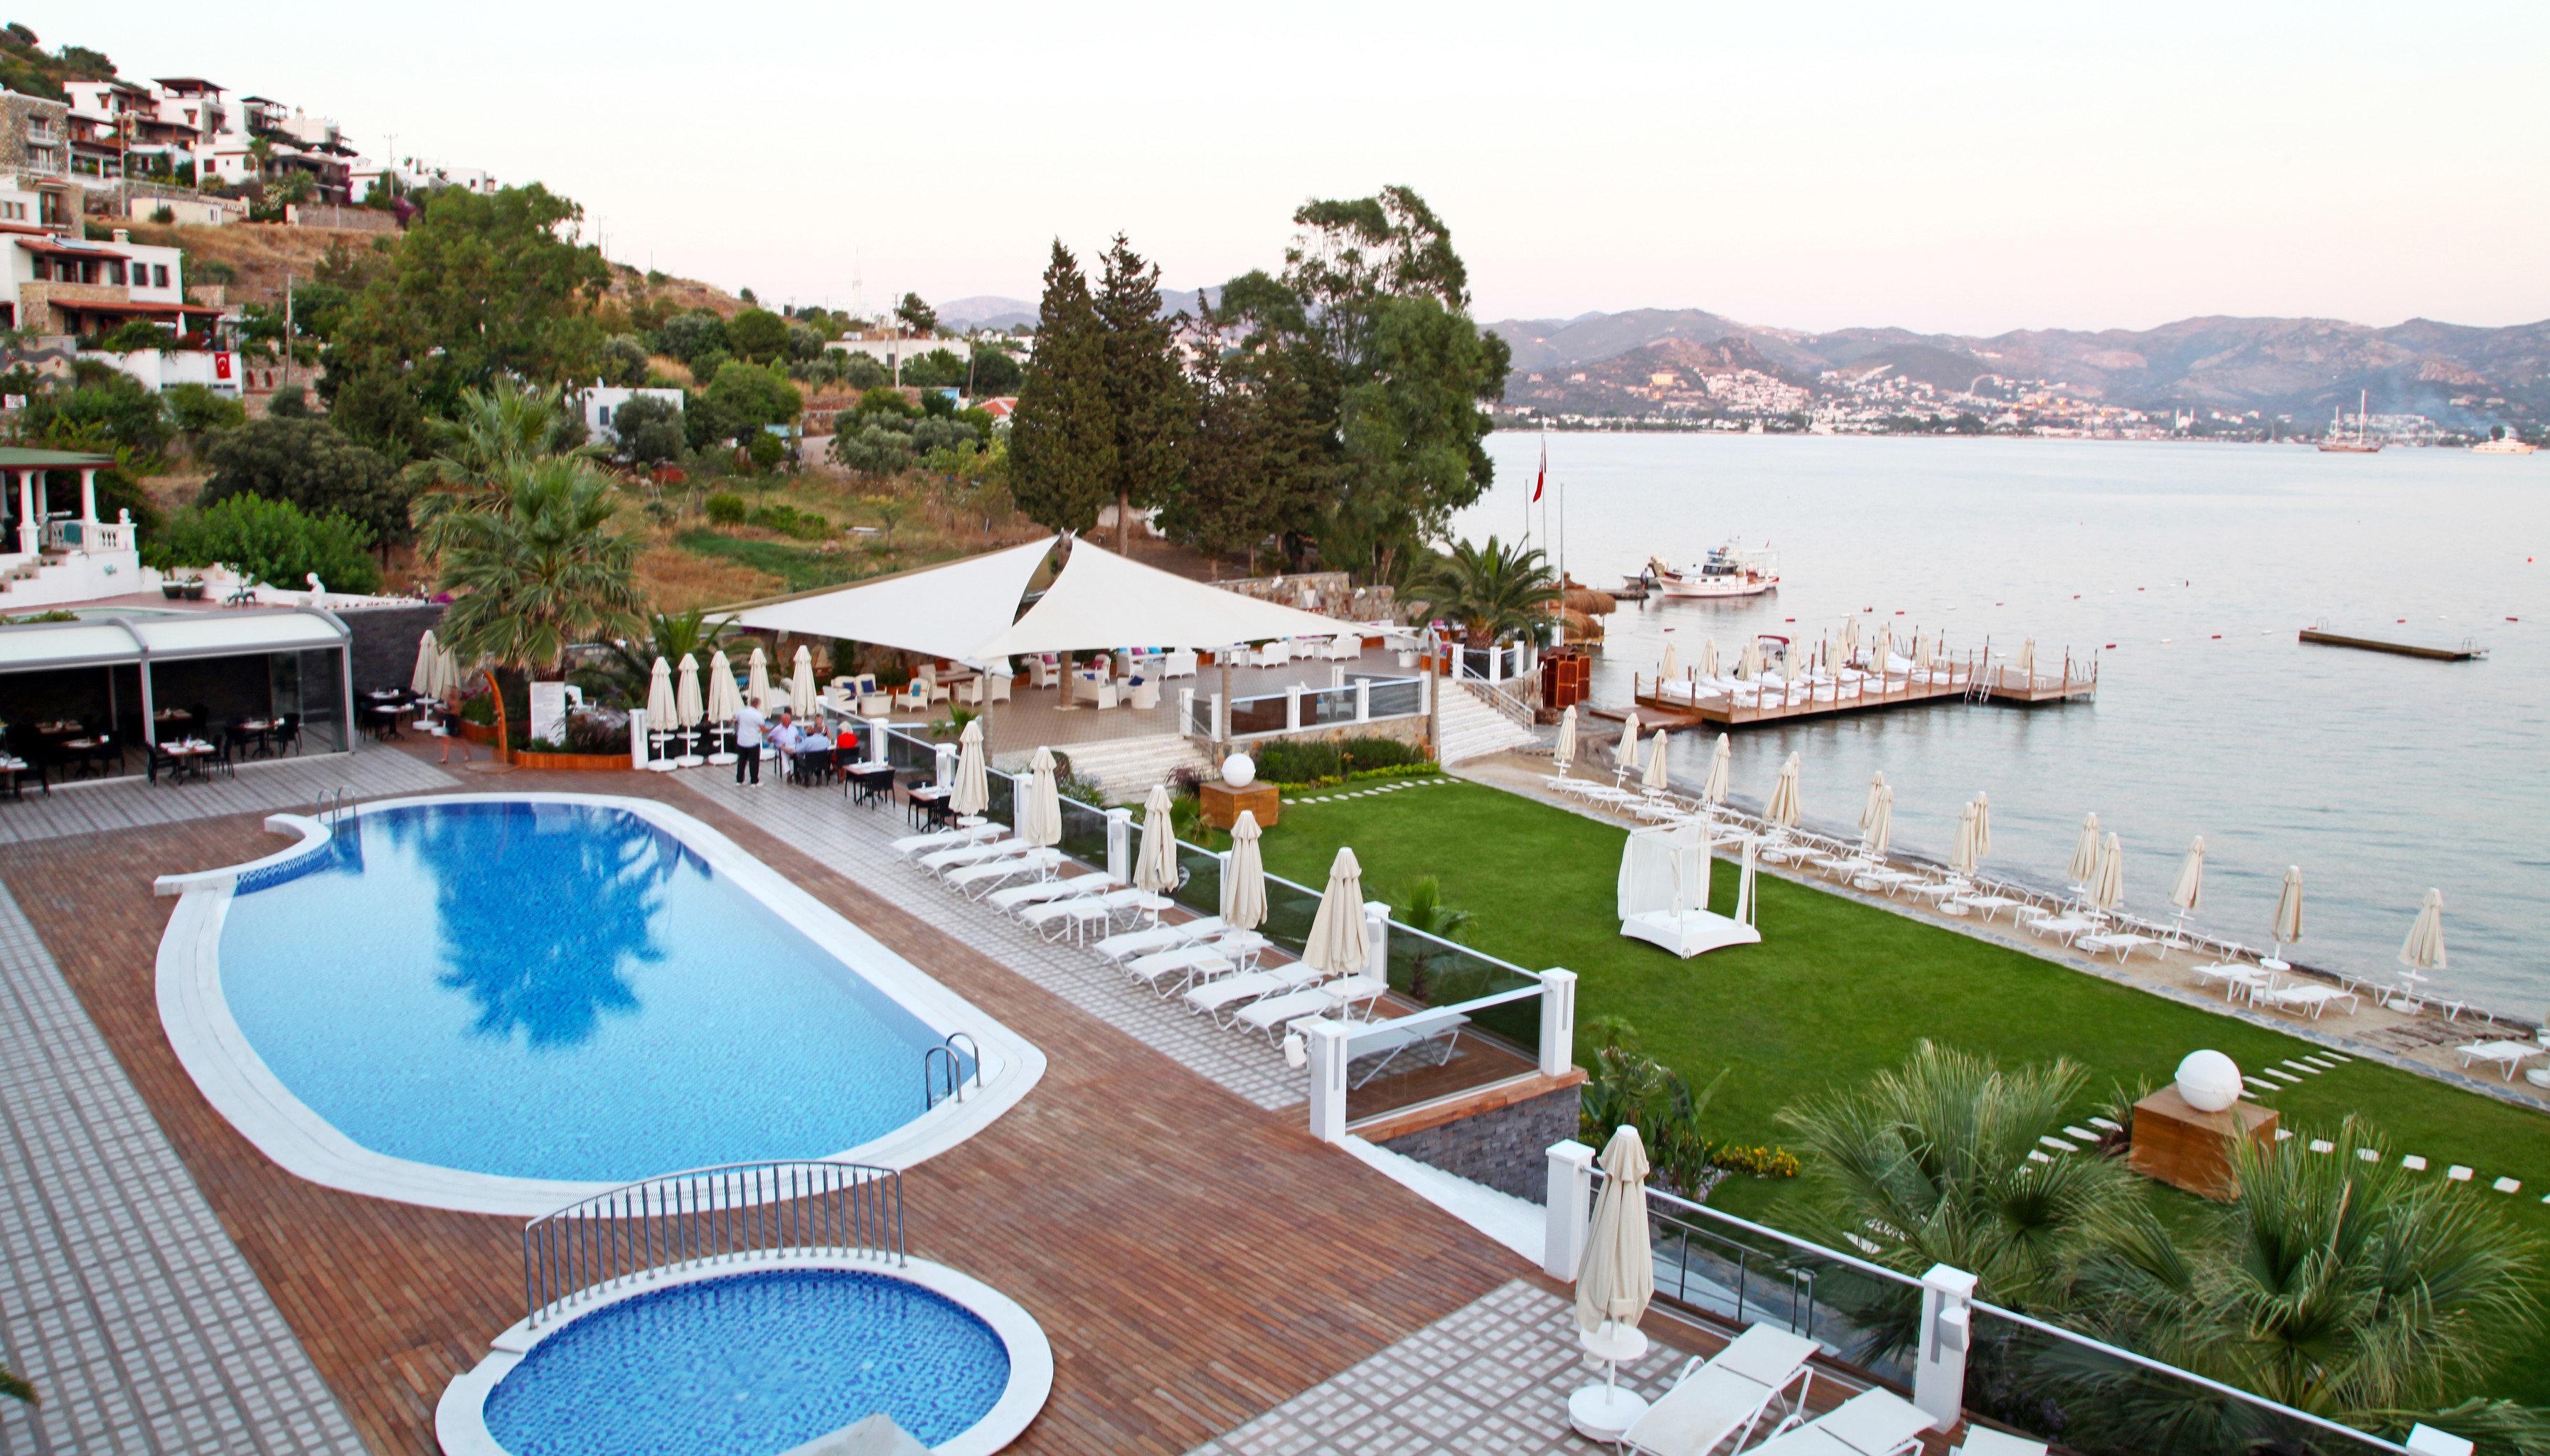 Lobby Modern Patio Pool Terrace Waterfront sky water leisure property swimming pool Resort marina dock resort town waterway Villa Deck overlooking